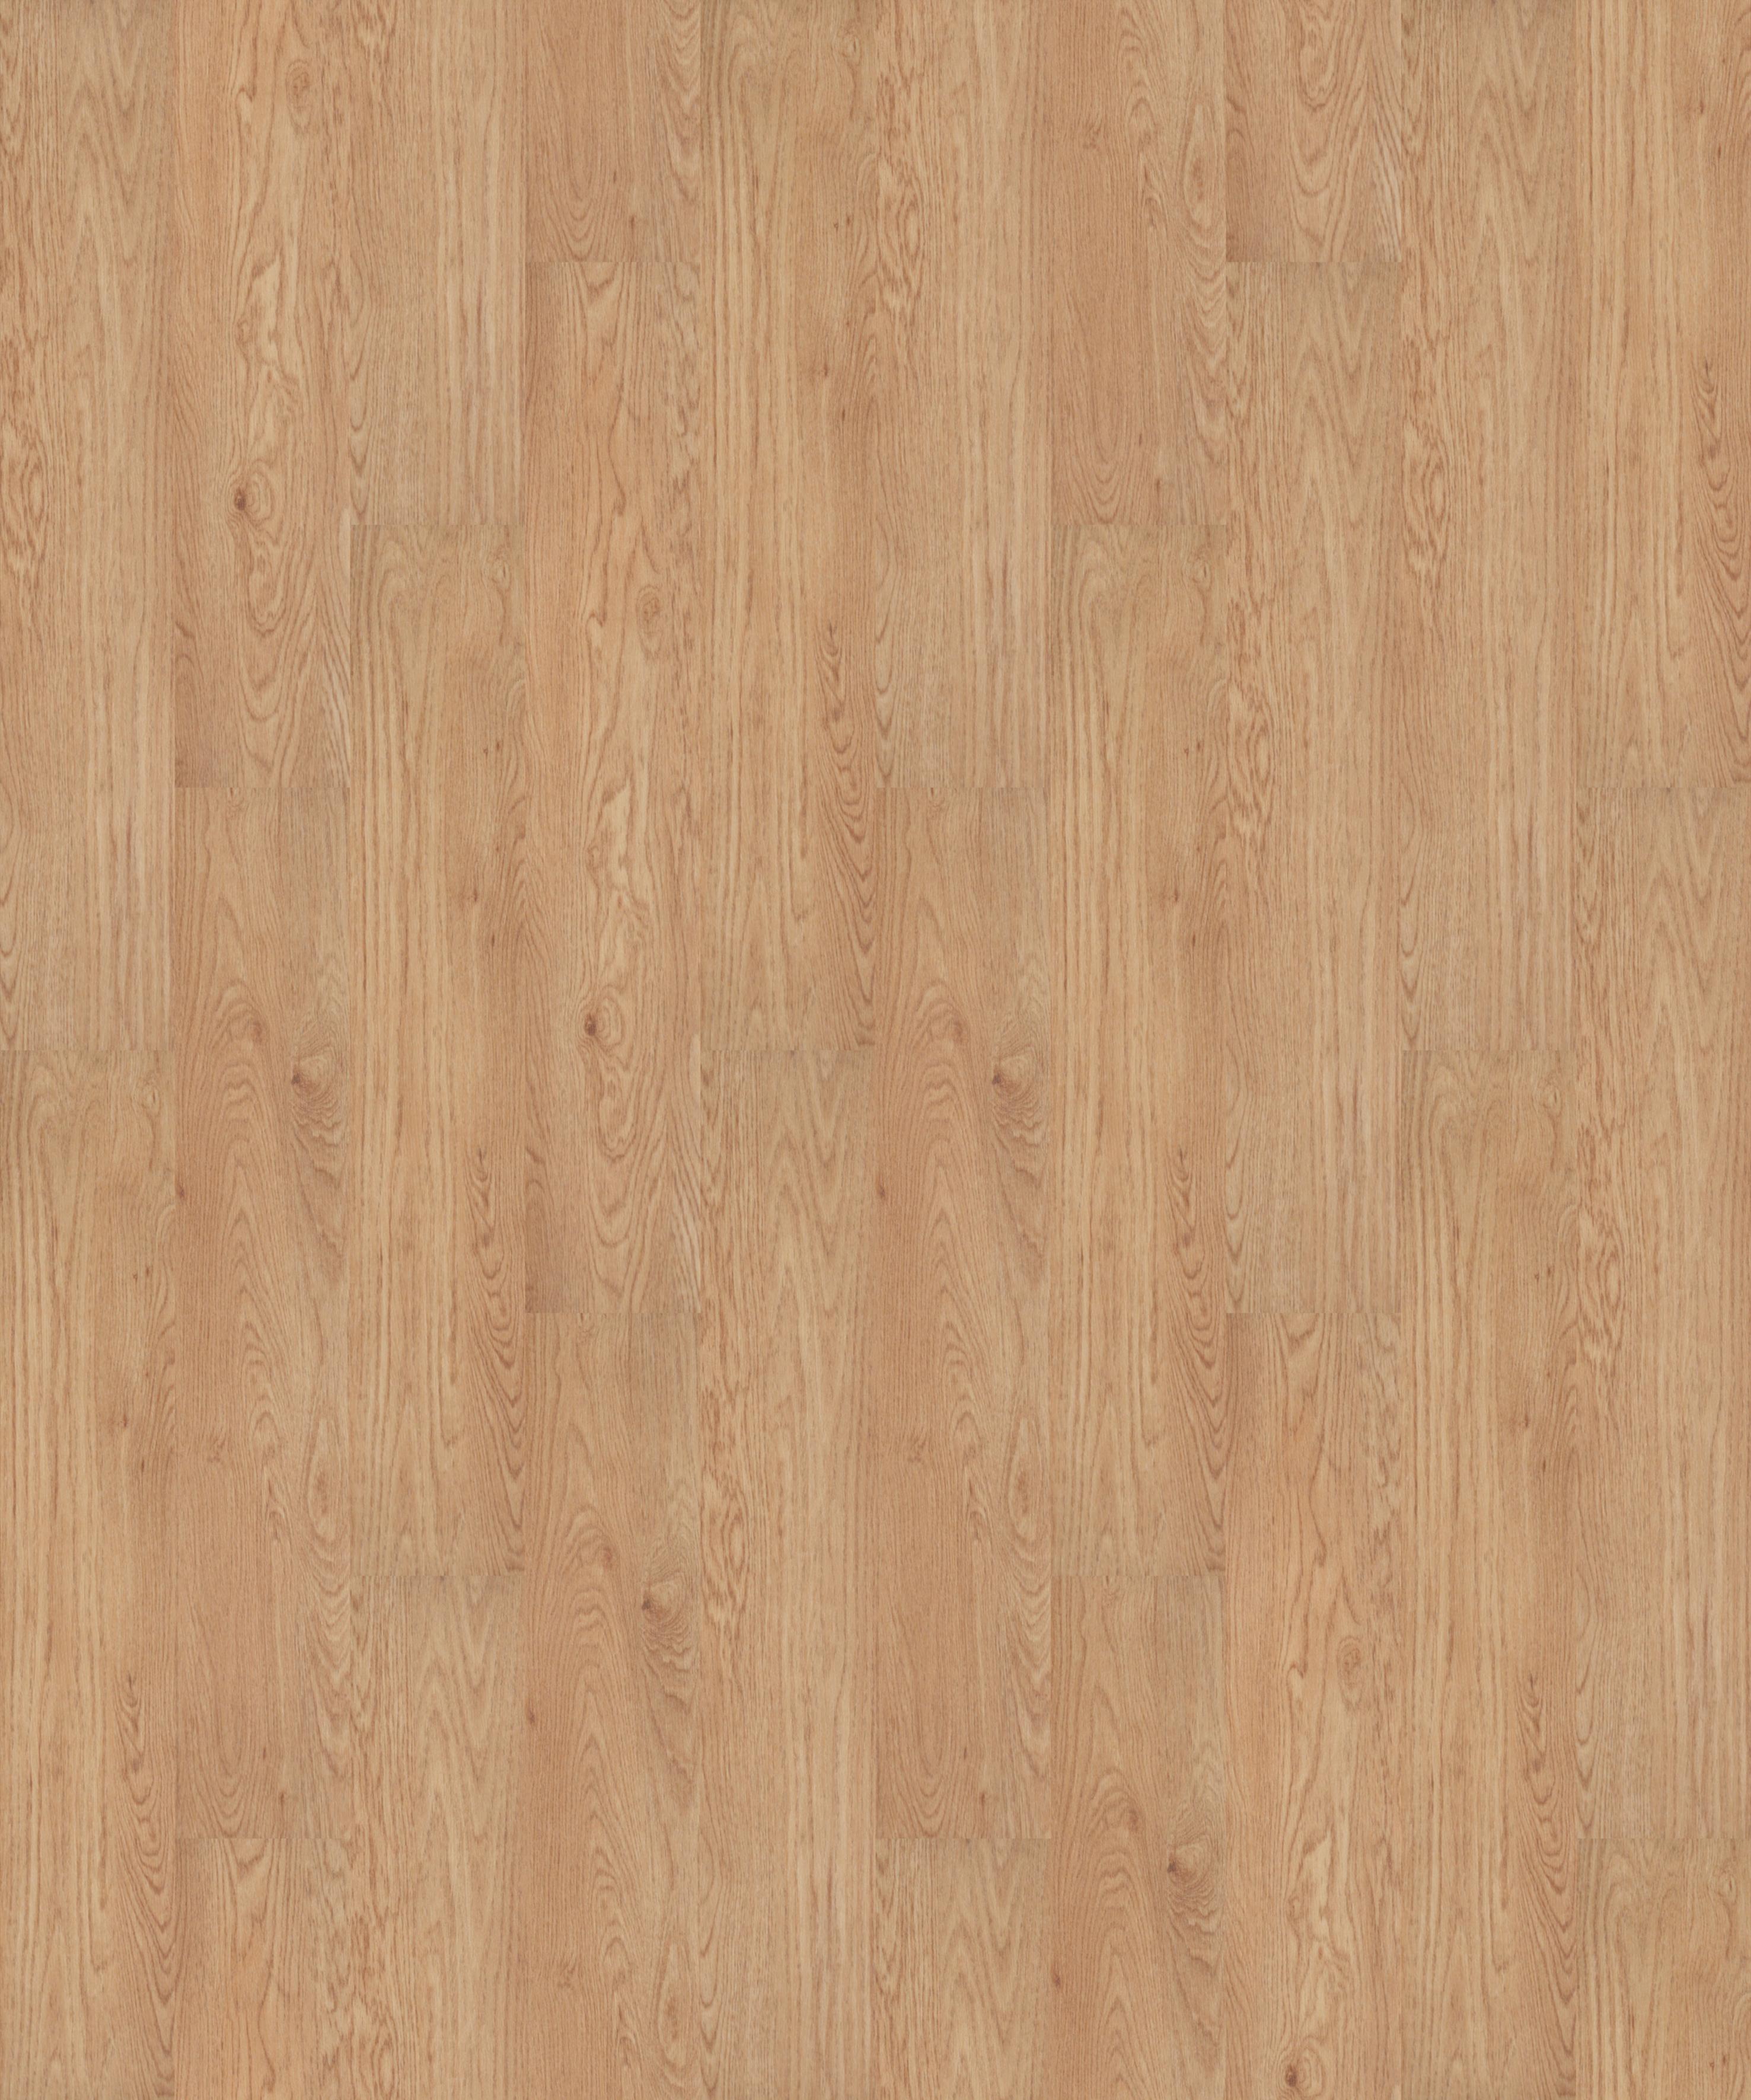 Forbo Flooring Eternal Wood Eternal Wood Design Vinyl